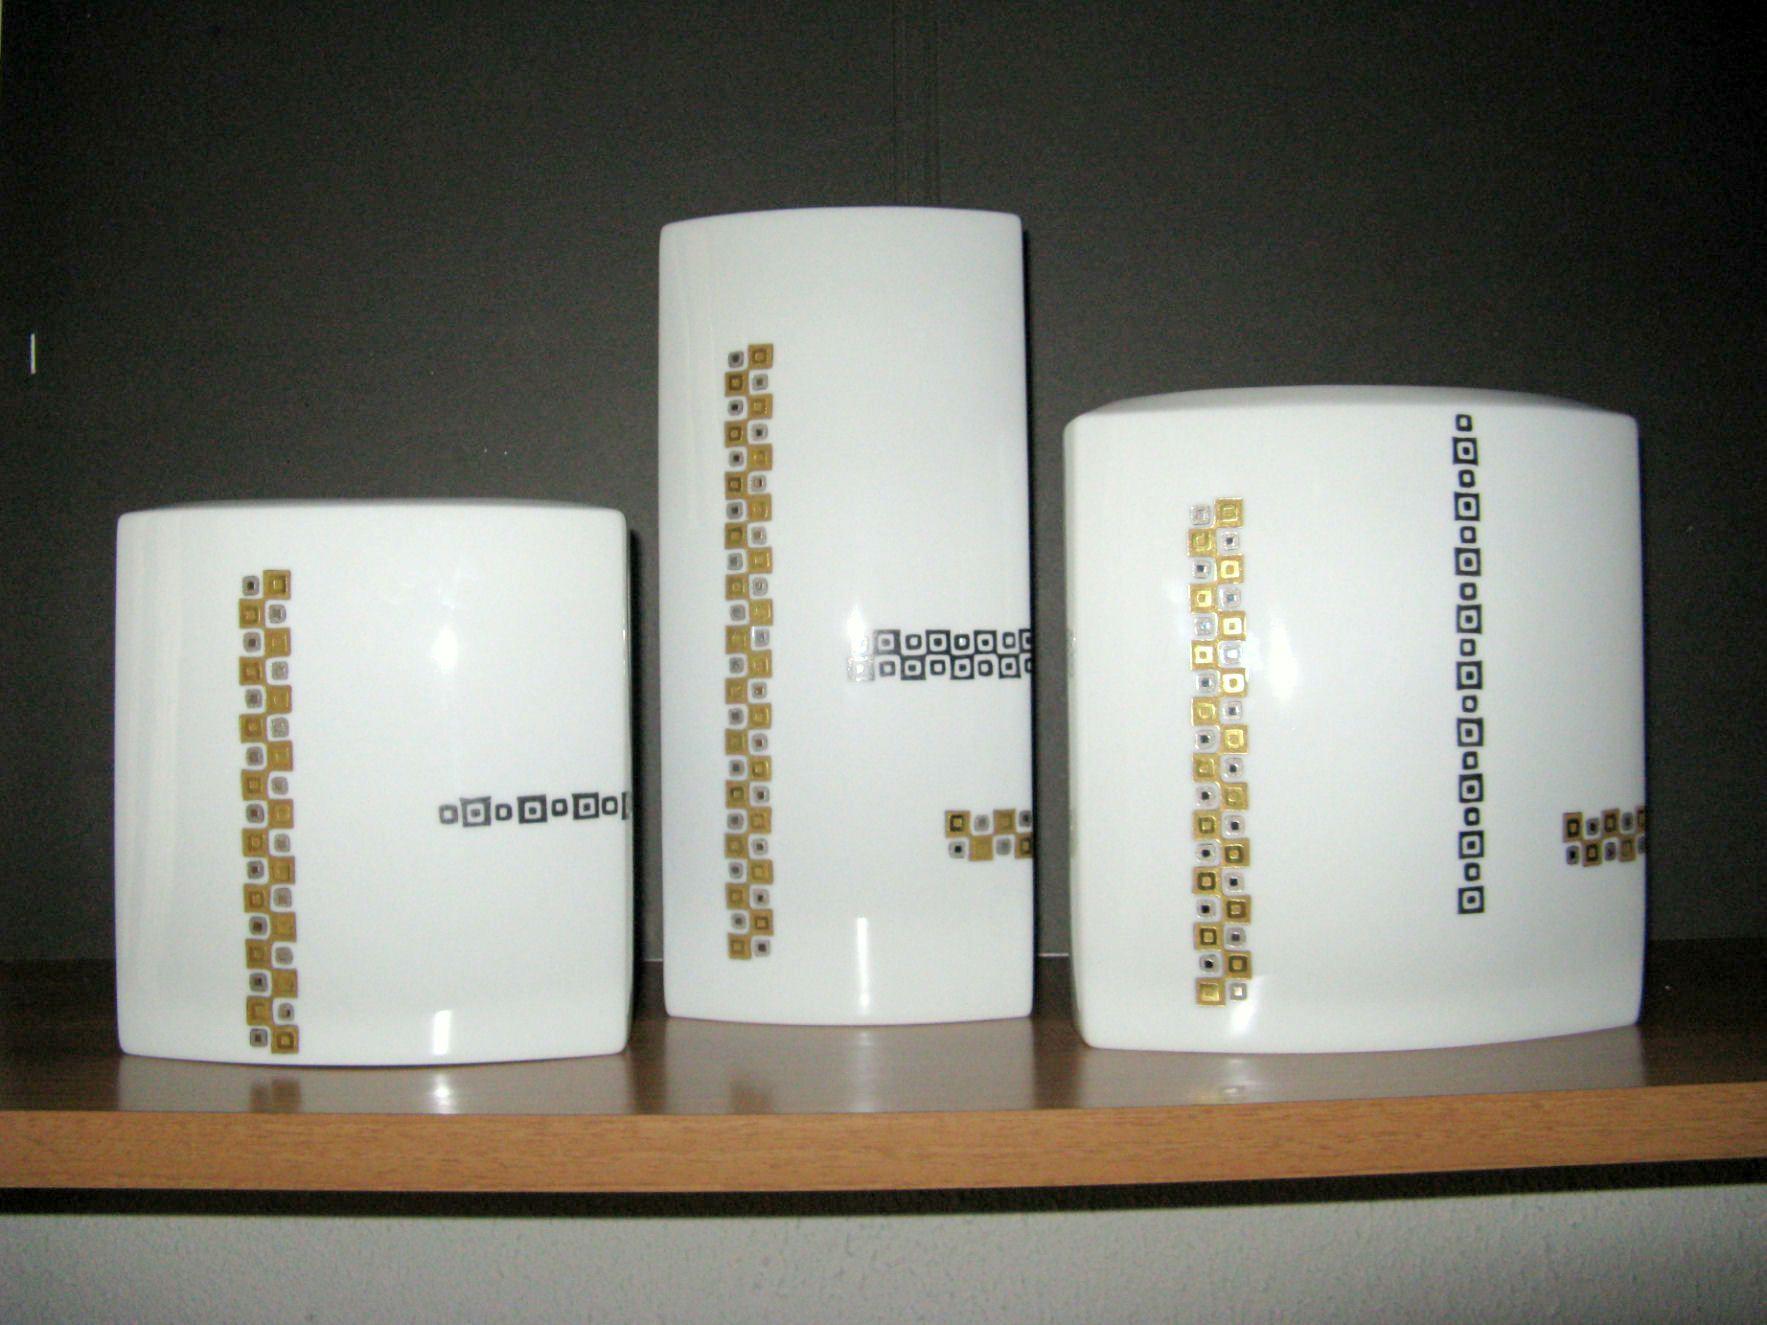 Bottega #Costantini, oggi. Vasi #Rosenthal in #ceramica. Bottega Costantini, today, Rosenthal #ceramic #vases.